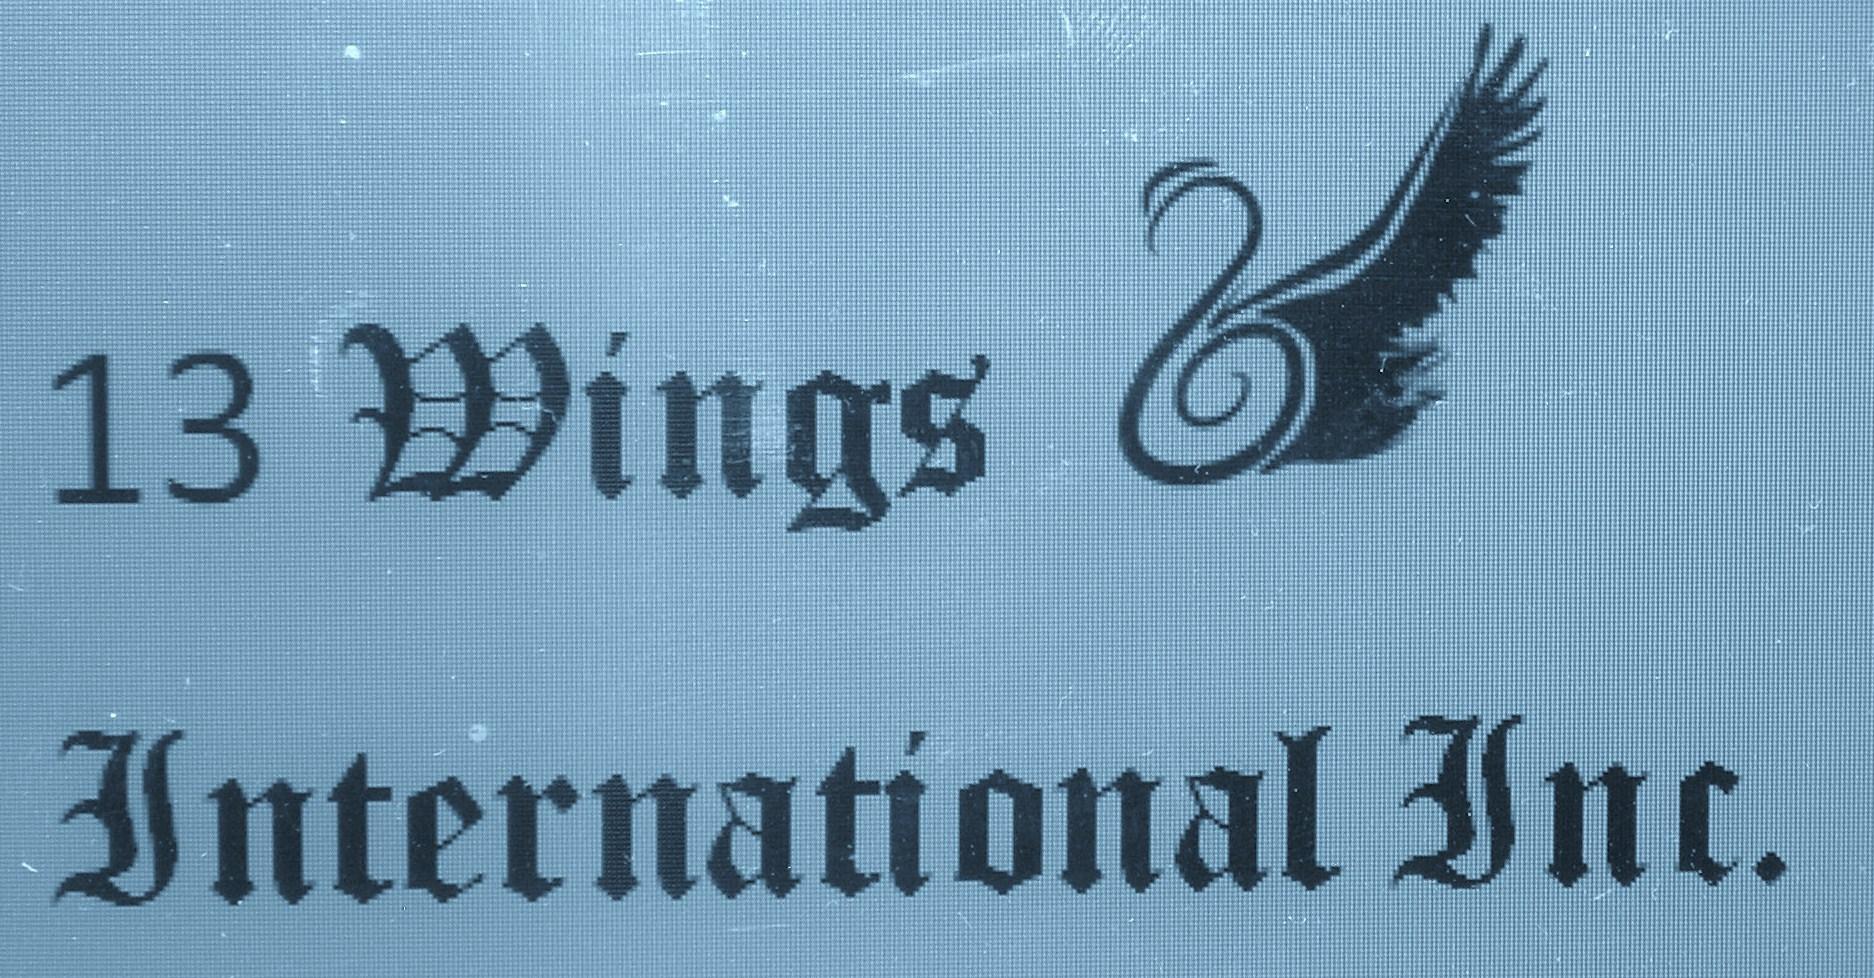 13 Wings International